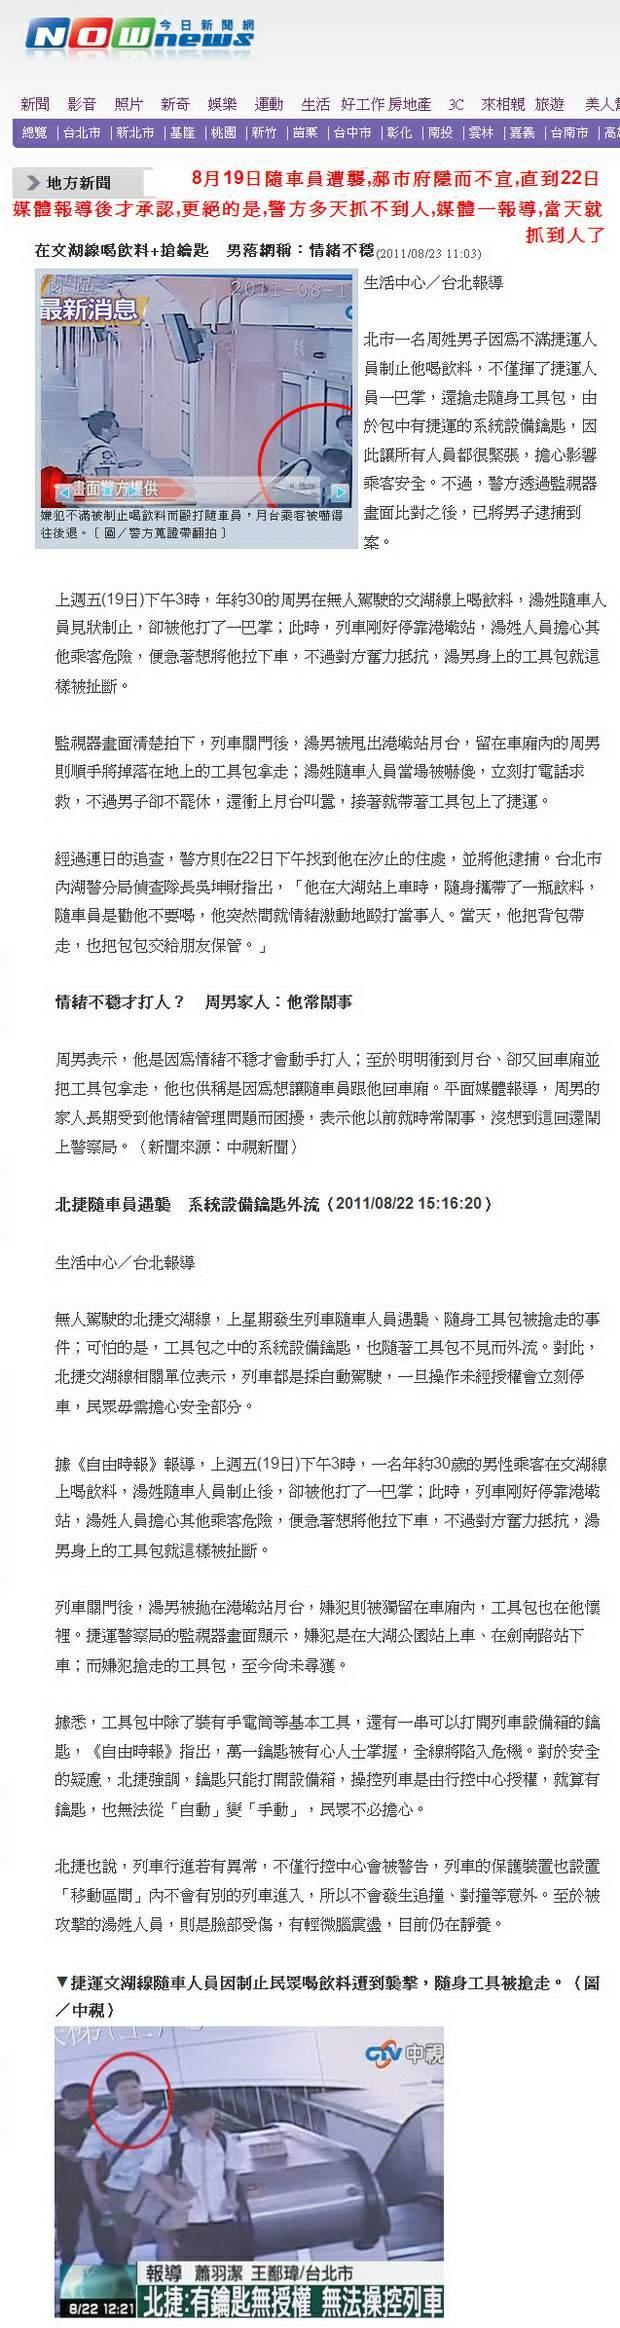 在文湖線喝飲料+搶鑰匙 男落網稱:情緒不穩-2011.08.23.jpg